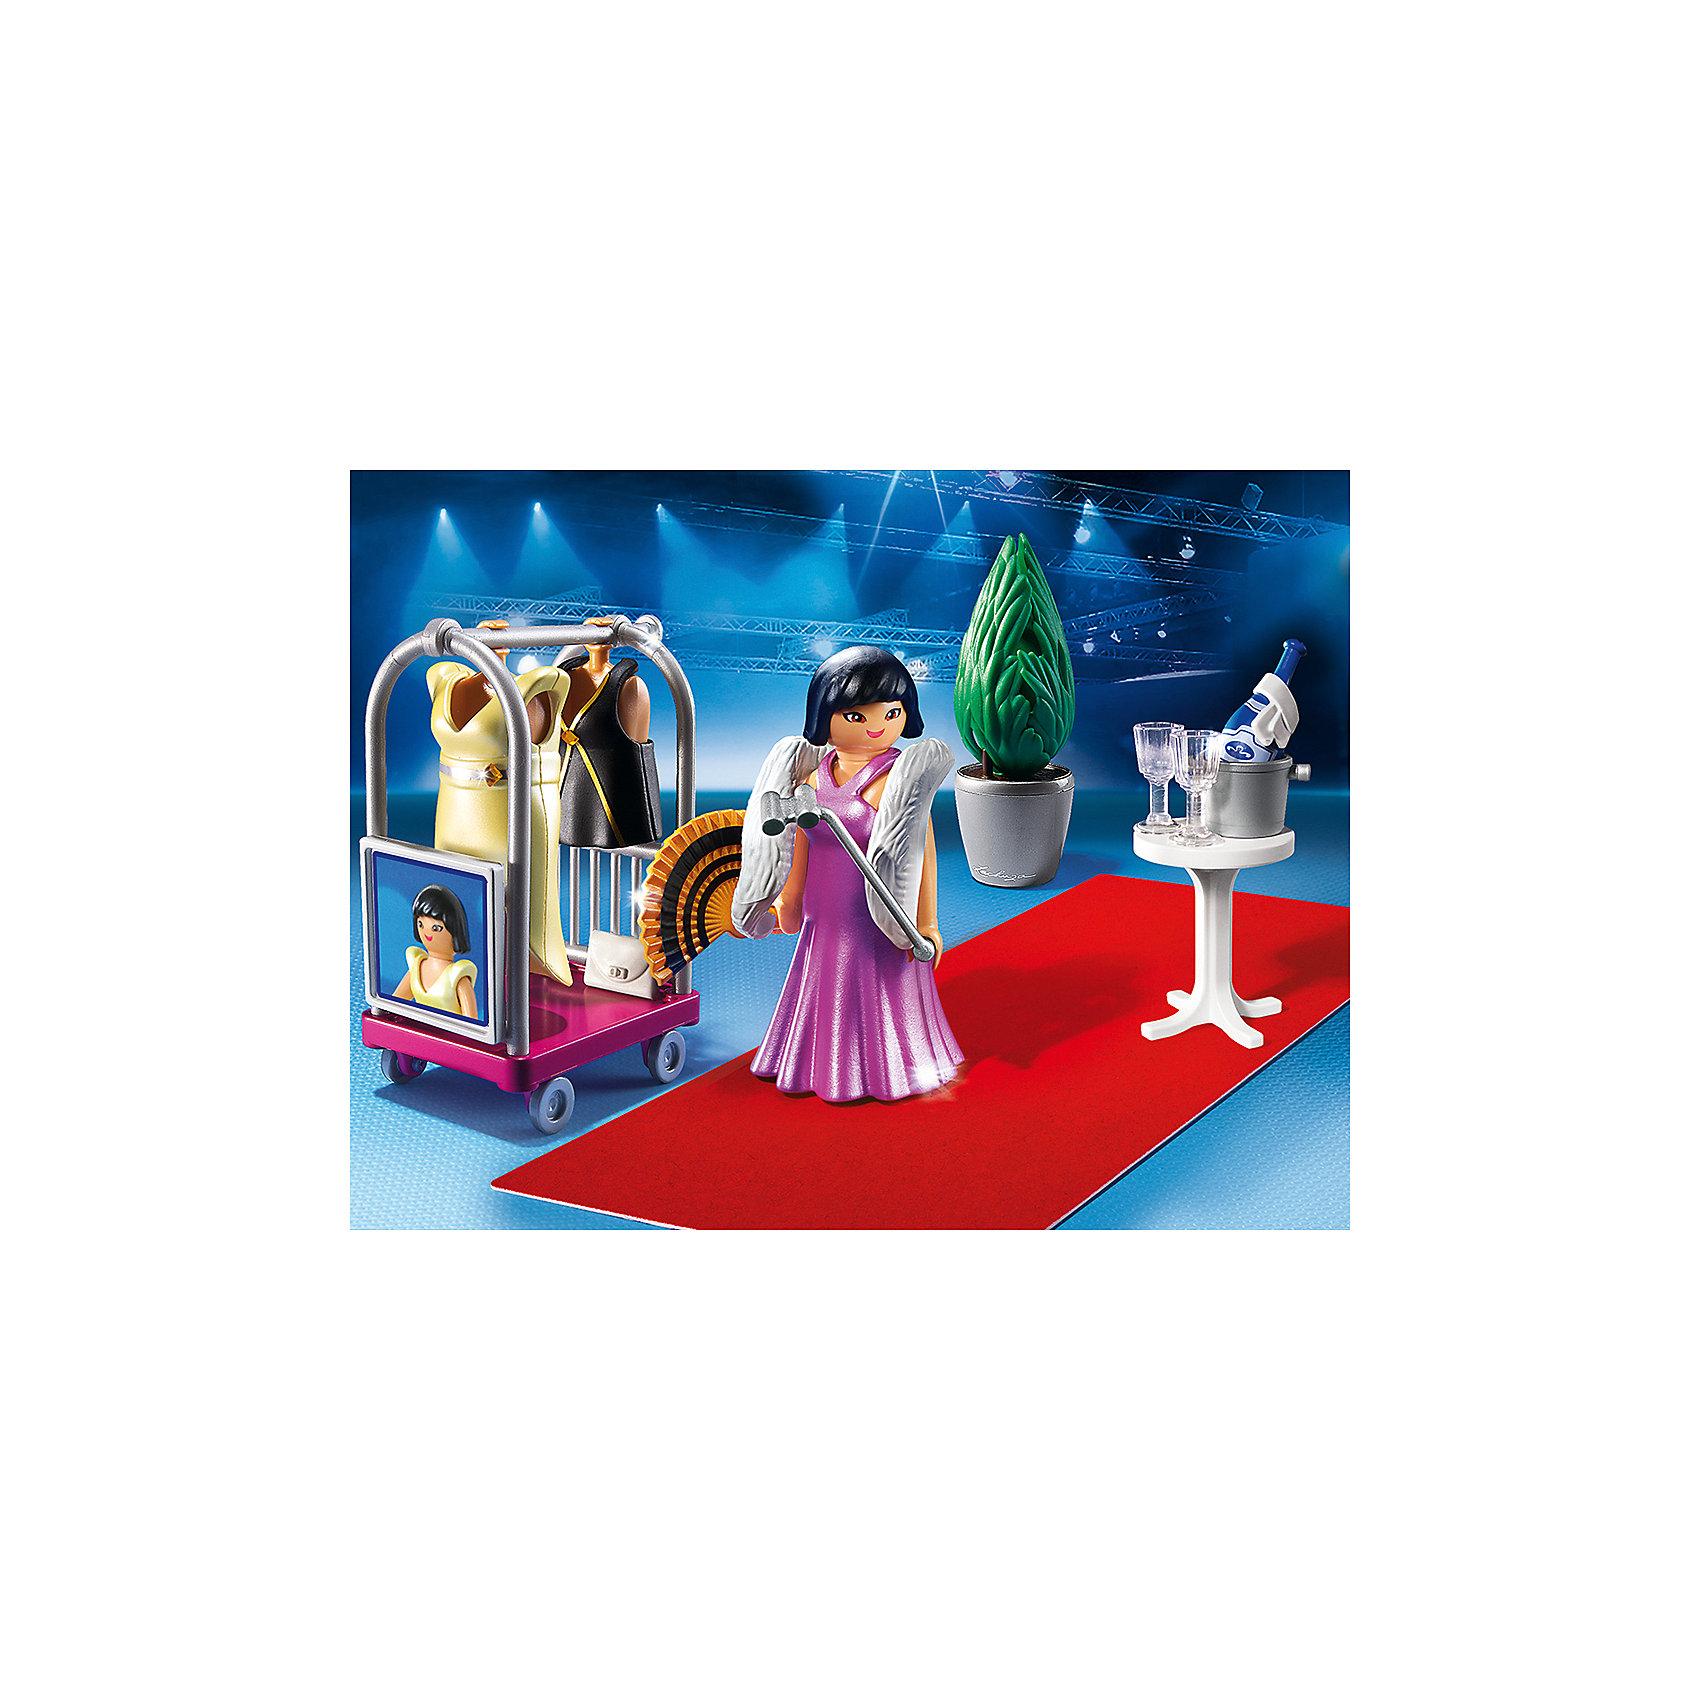 PLAYMOBIL® Фэшн и Стиль: Знаменитость на красной дорожке, PLAYMOBIL playmobil® playmobil 5546 парк развлечений продавец шаров smileyworld